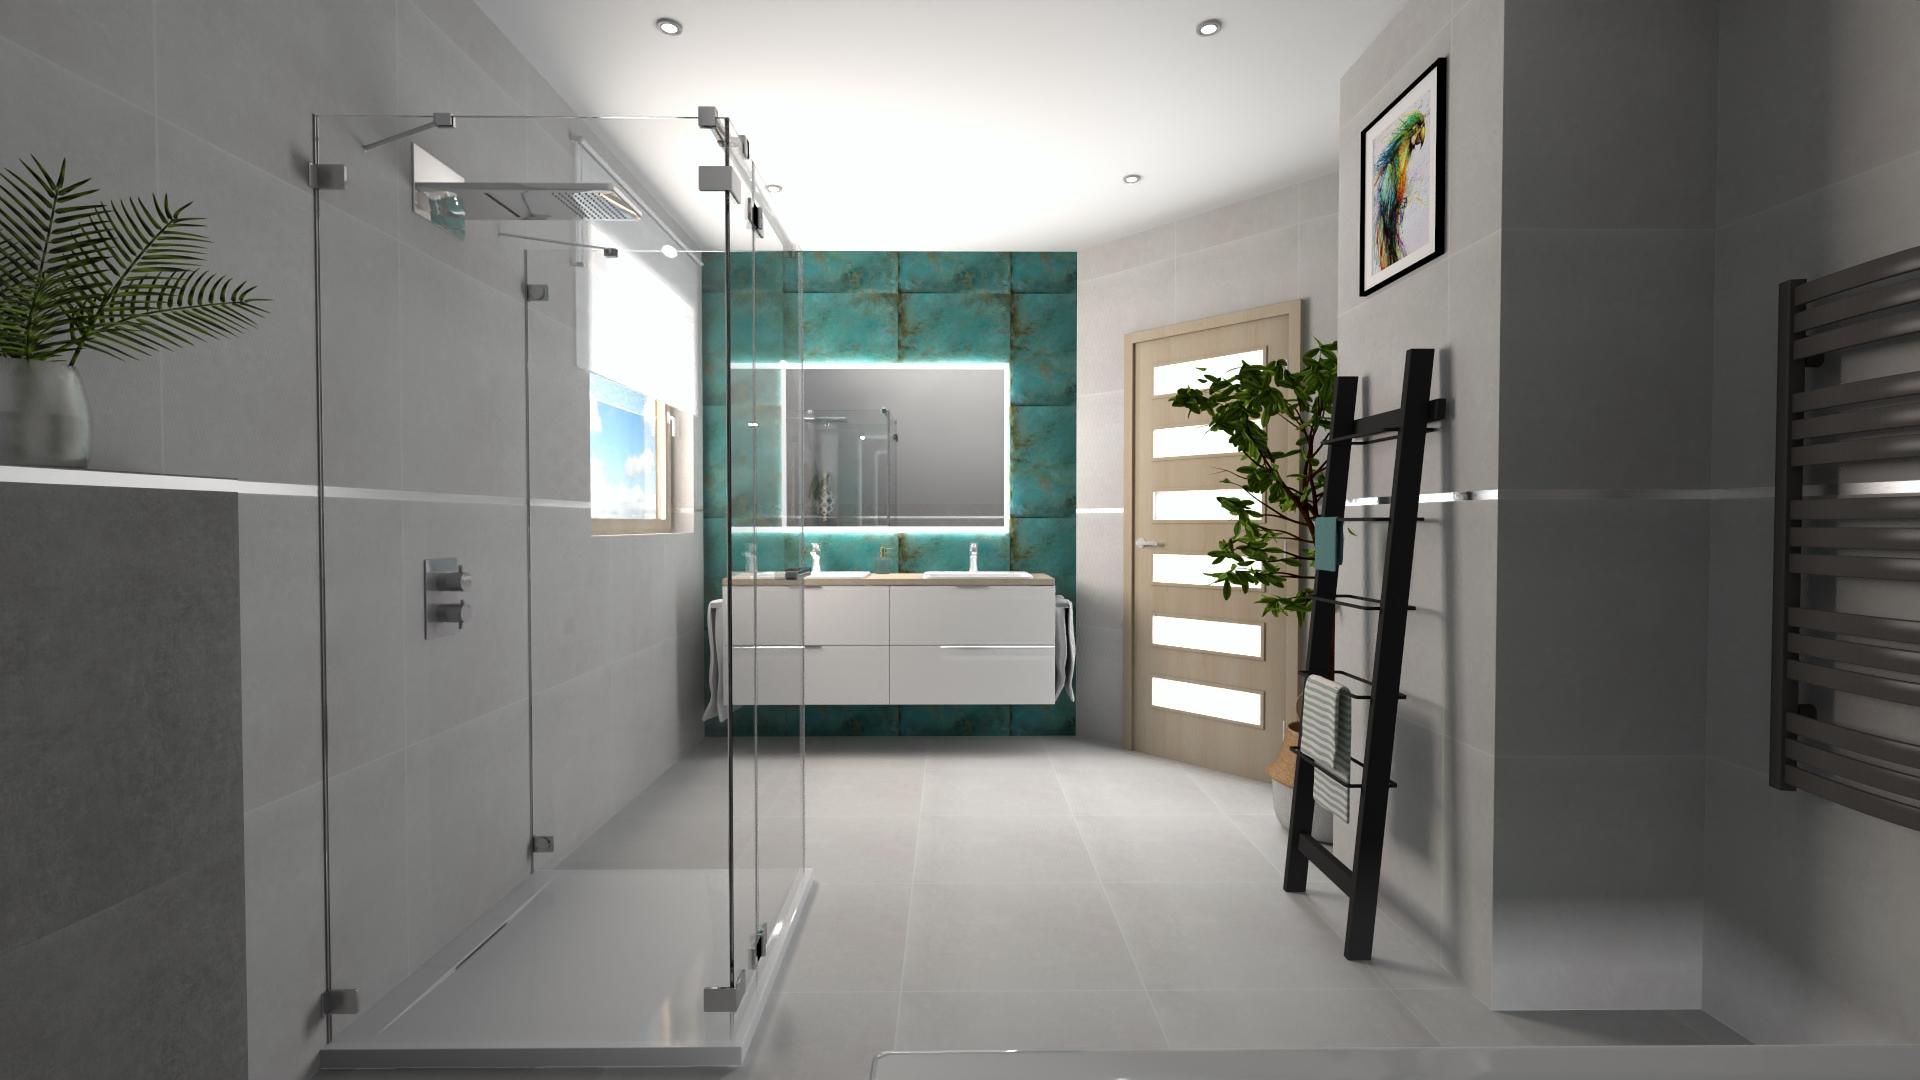 projekt łazienki Centrum Glazury Zduńska Wola